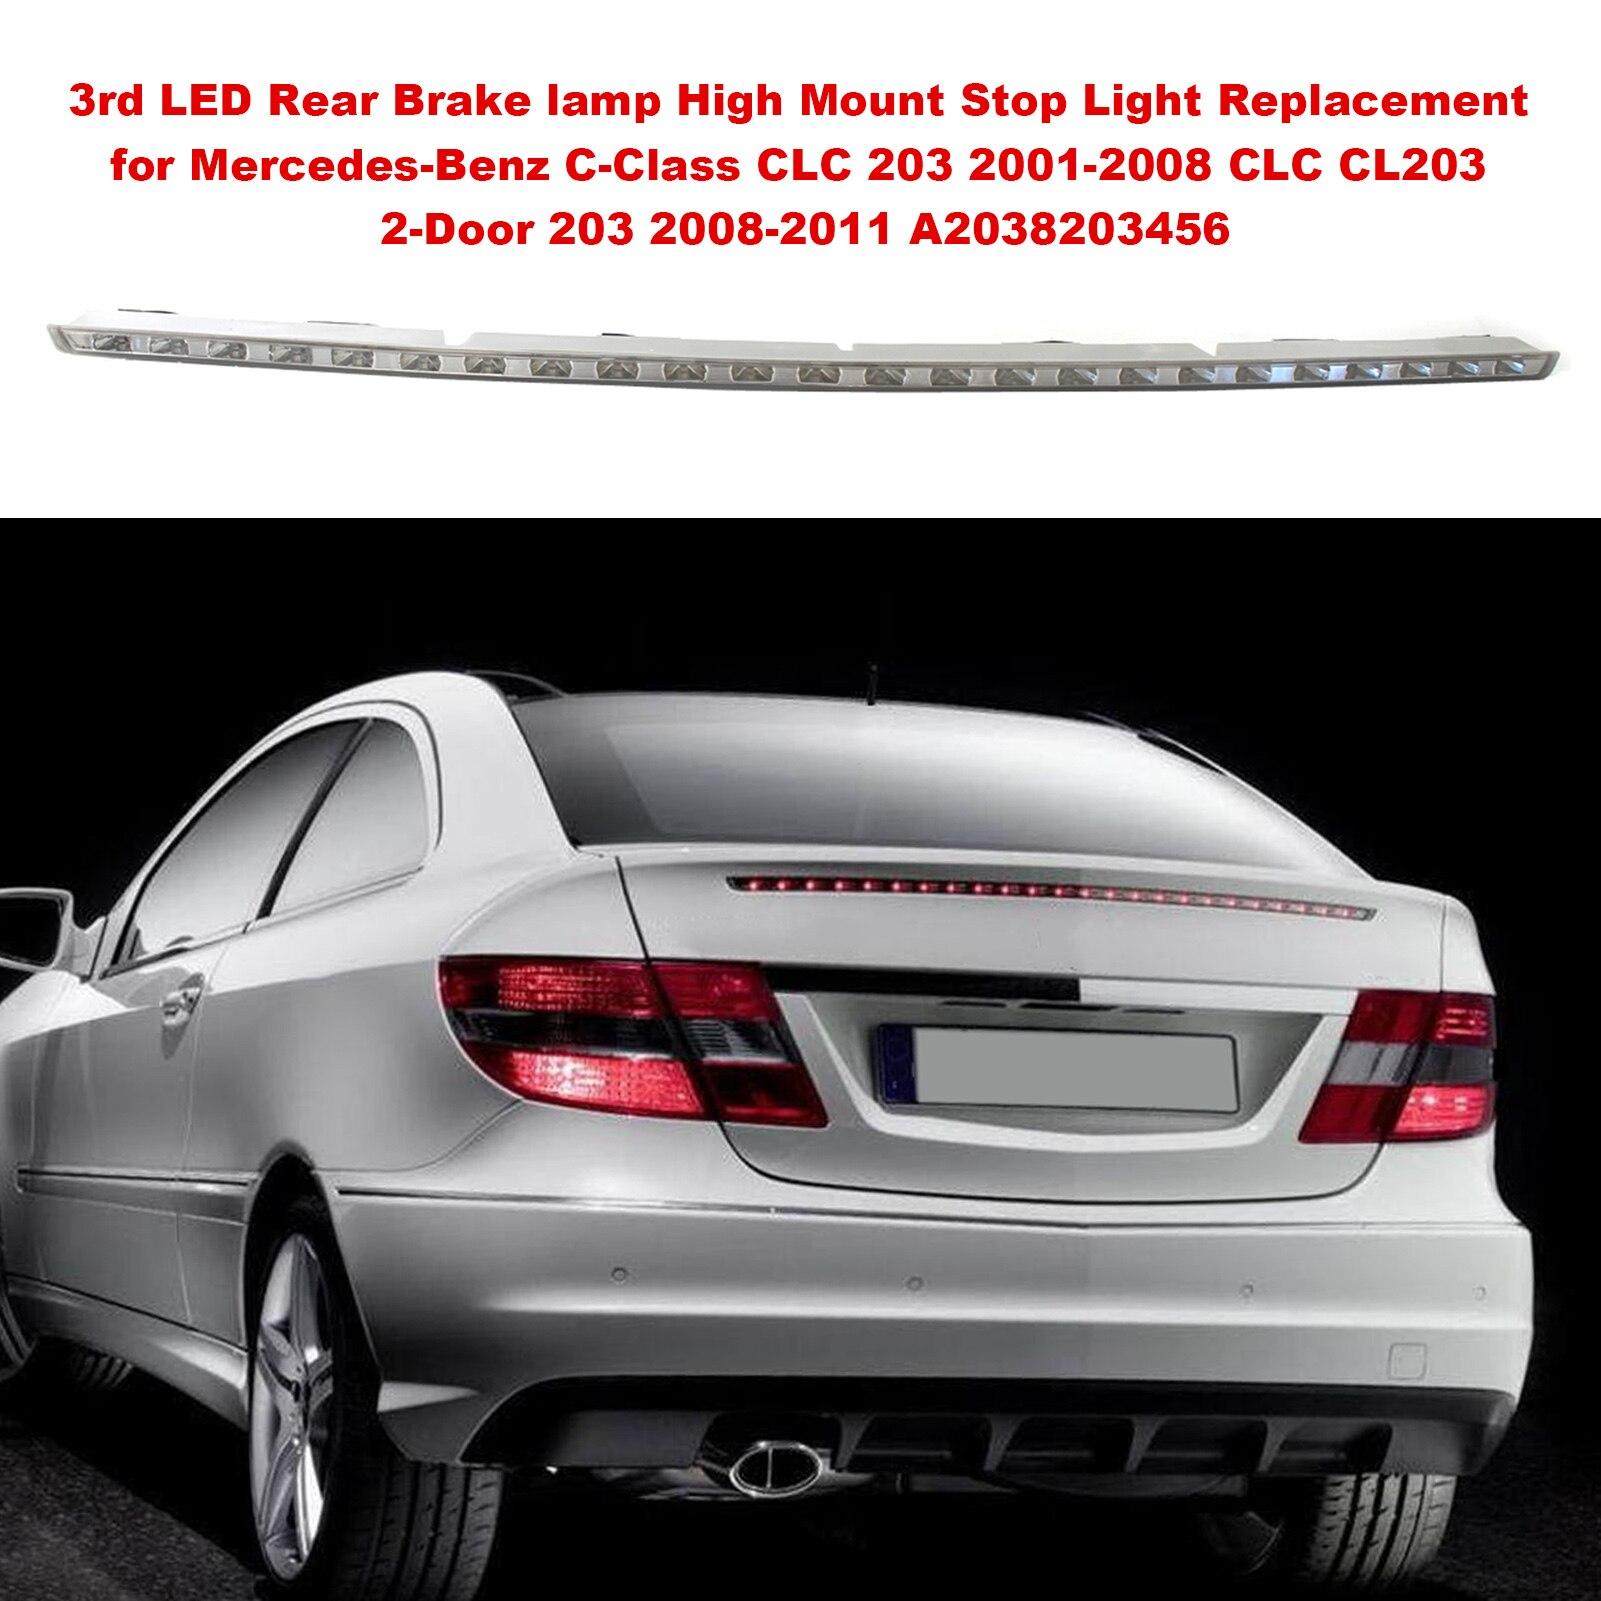 3rd светодиодный задний фонарь стоп-сигнала высокое крепление стоп-сигнала светильник Замена для Mercedes-Benz 2-дверный C-Class CLC 203 CLC CL203 A2038203456